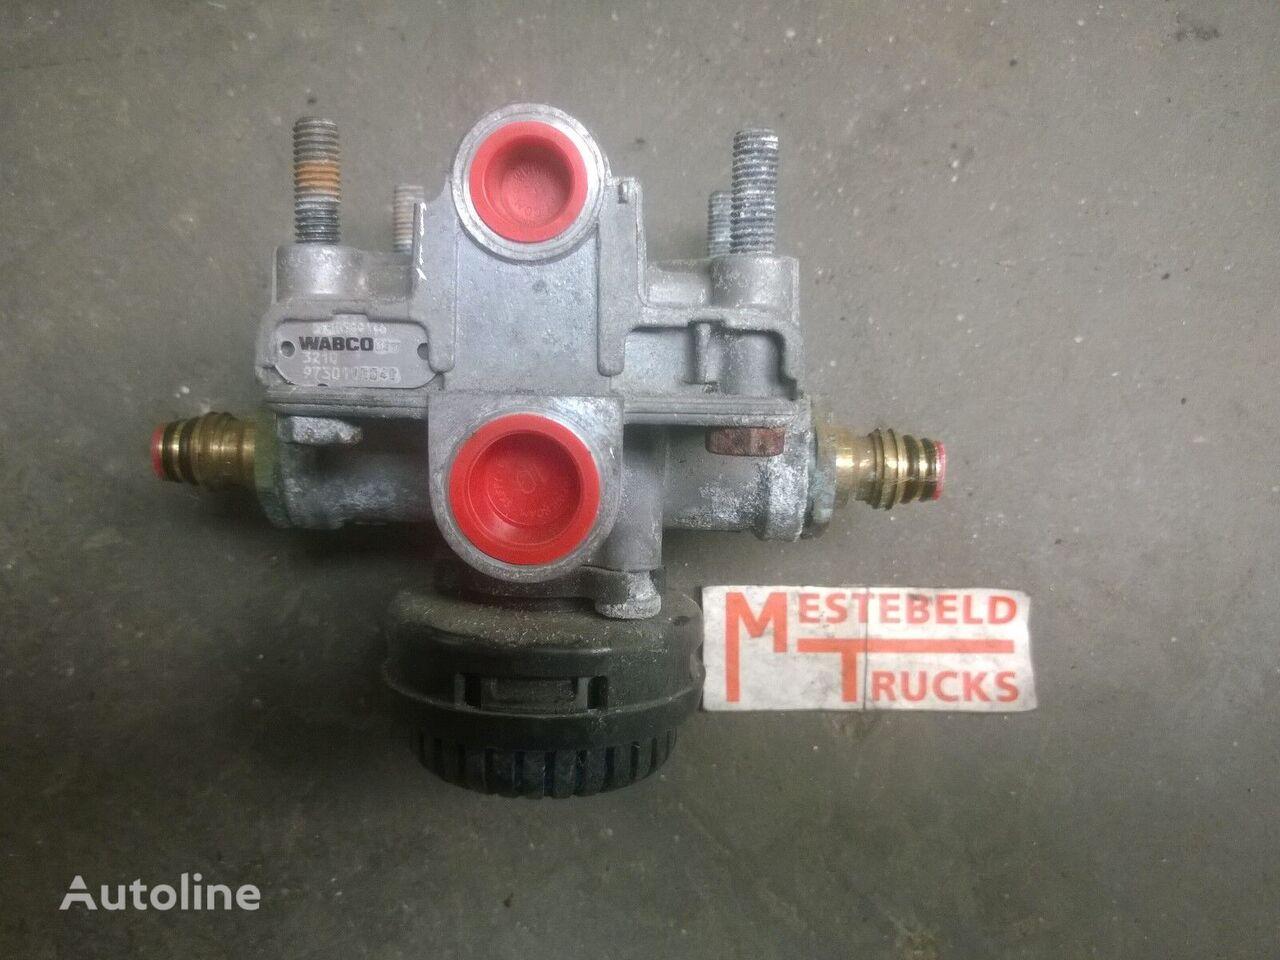 Relaisklep van parkeerrem valve for RENAULT Relaisklep van parkeerrem truck